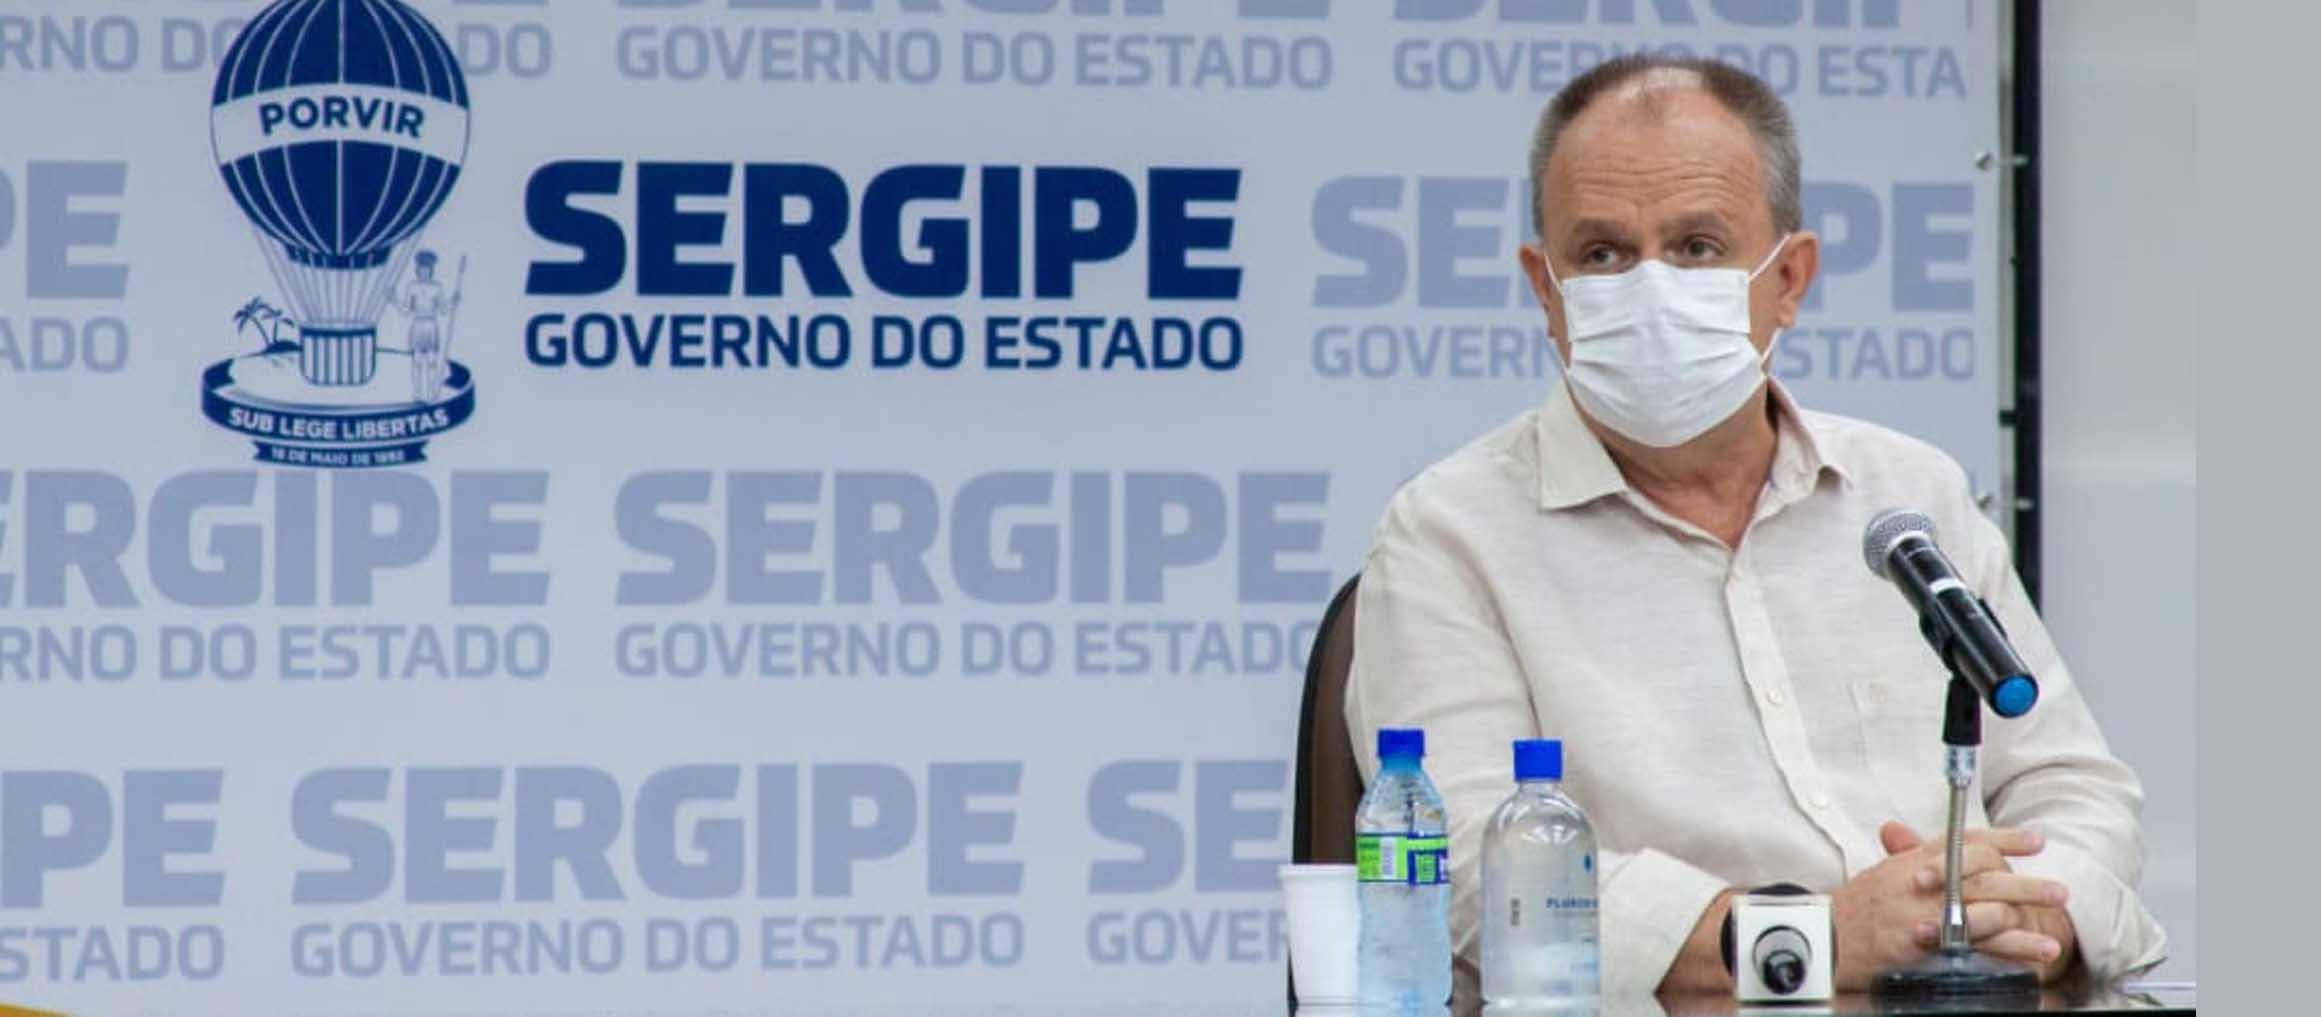 COVID-19: GOVERNO DE SERGIPE DECIDE AGUARDAR JUSTIÇA PARA COMEÇAR A REABRIR O COMÉRCIO